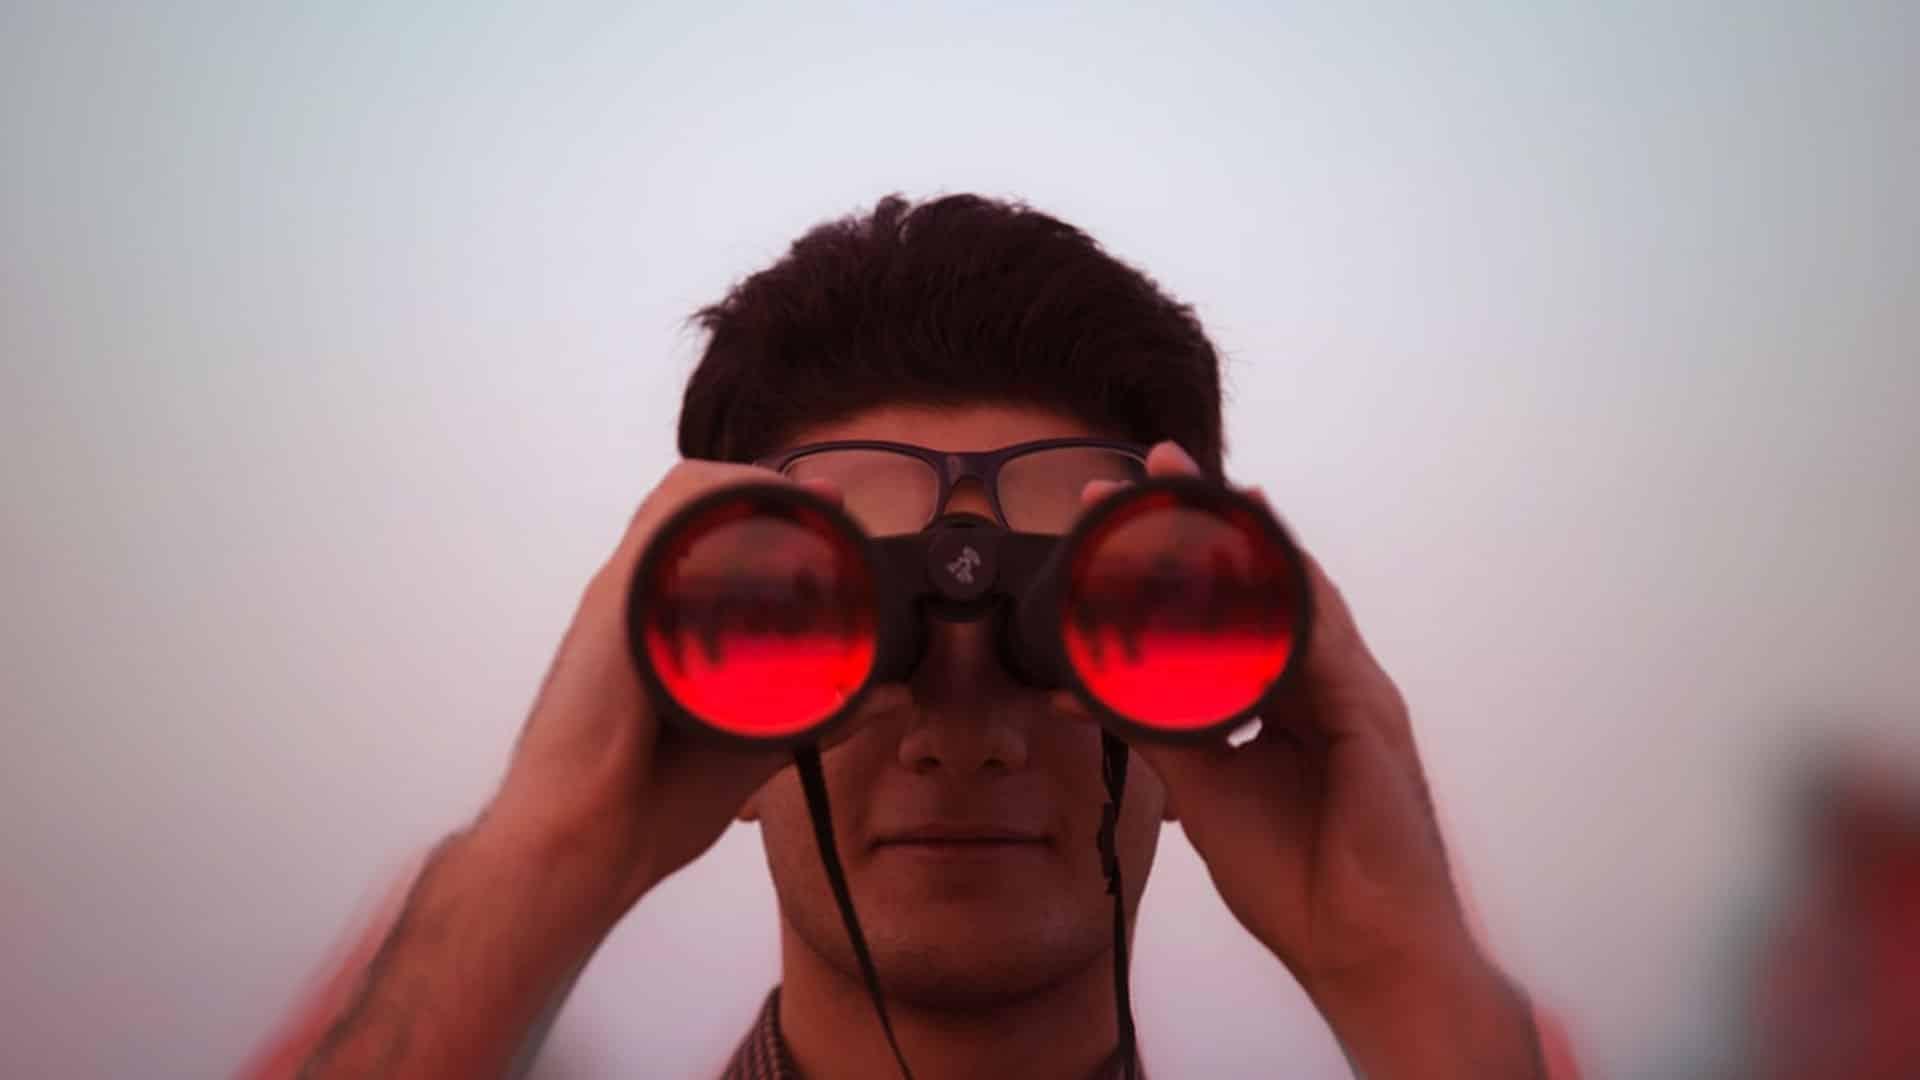 homme tenant dans ses mains des jumelles et regardant dans les jumelles de couleur rouge